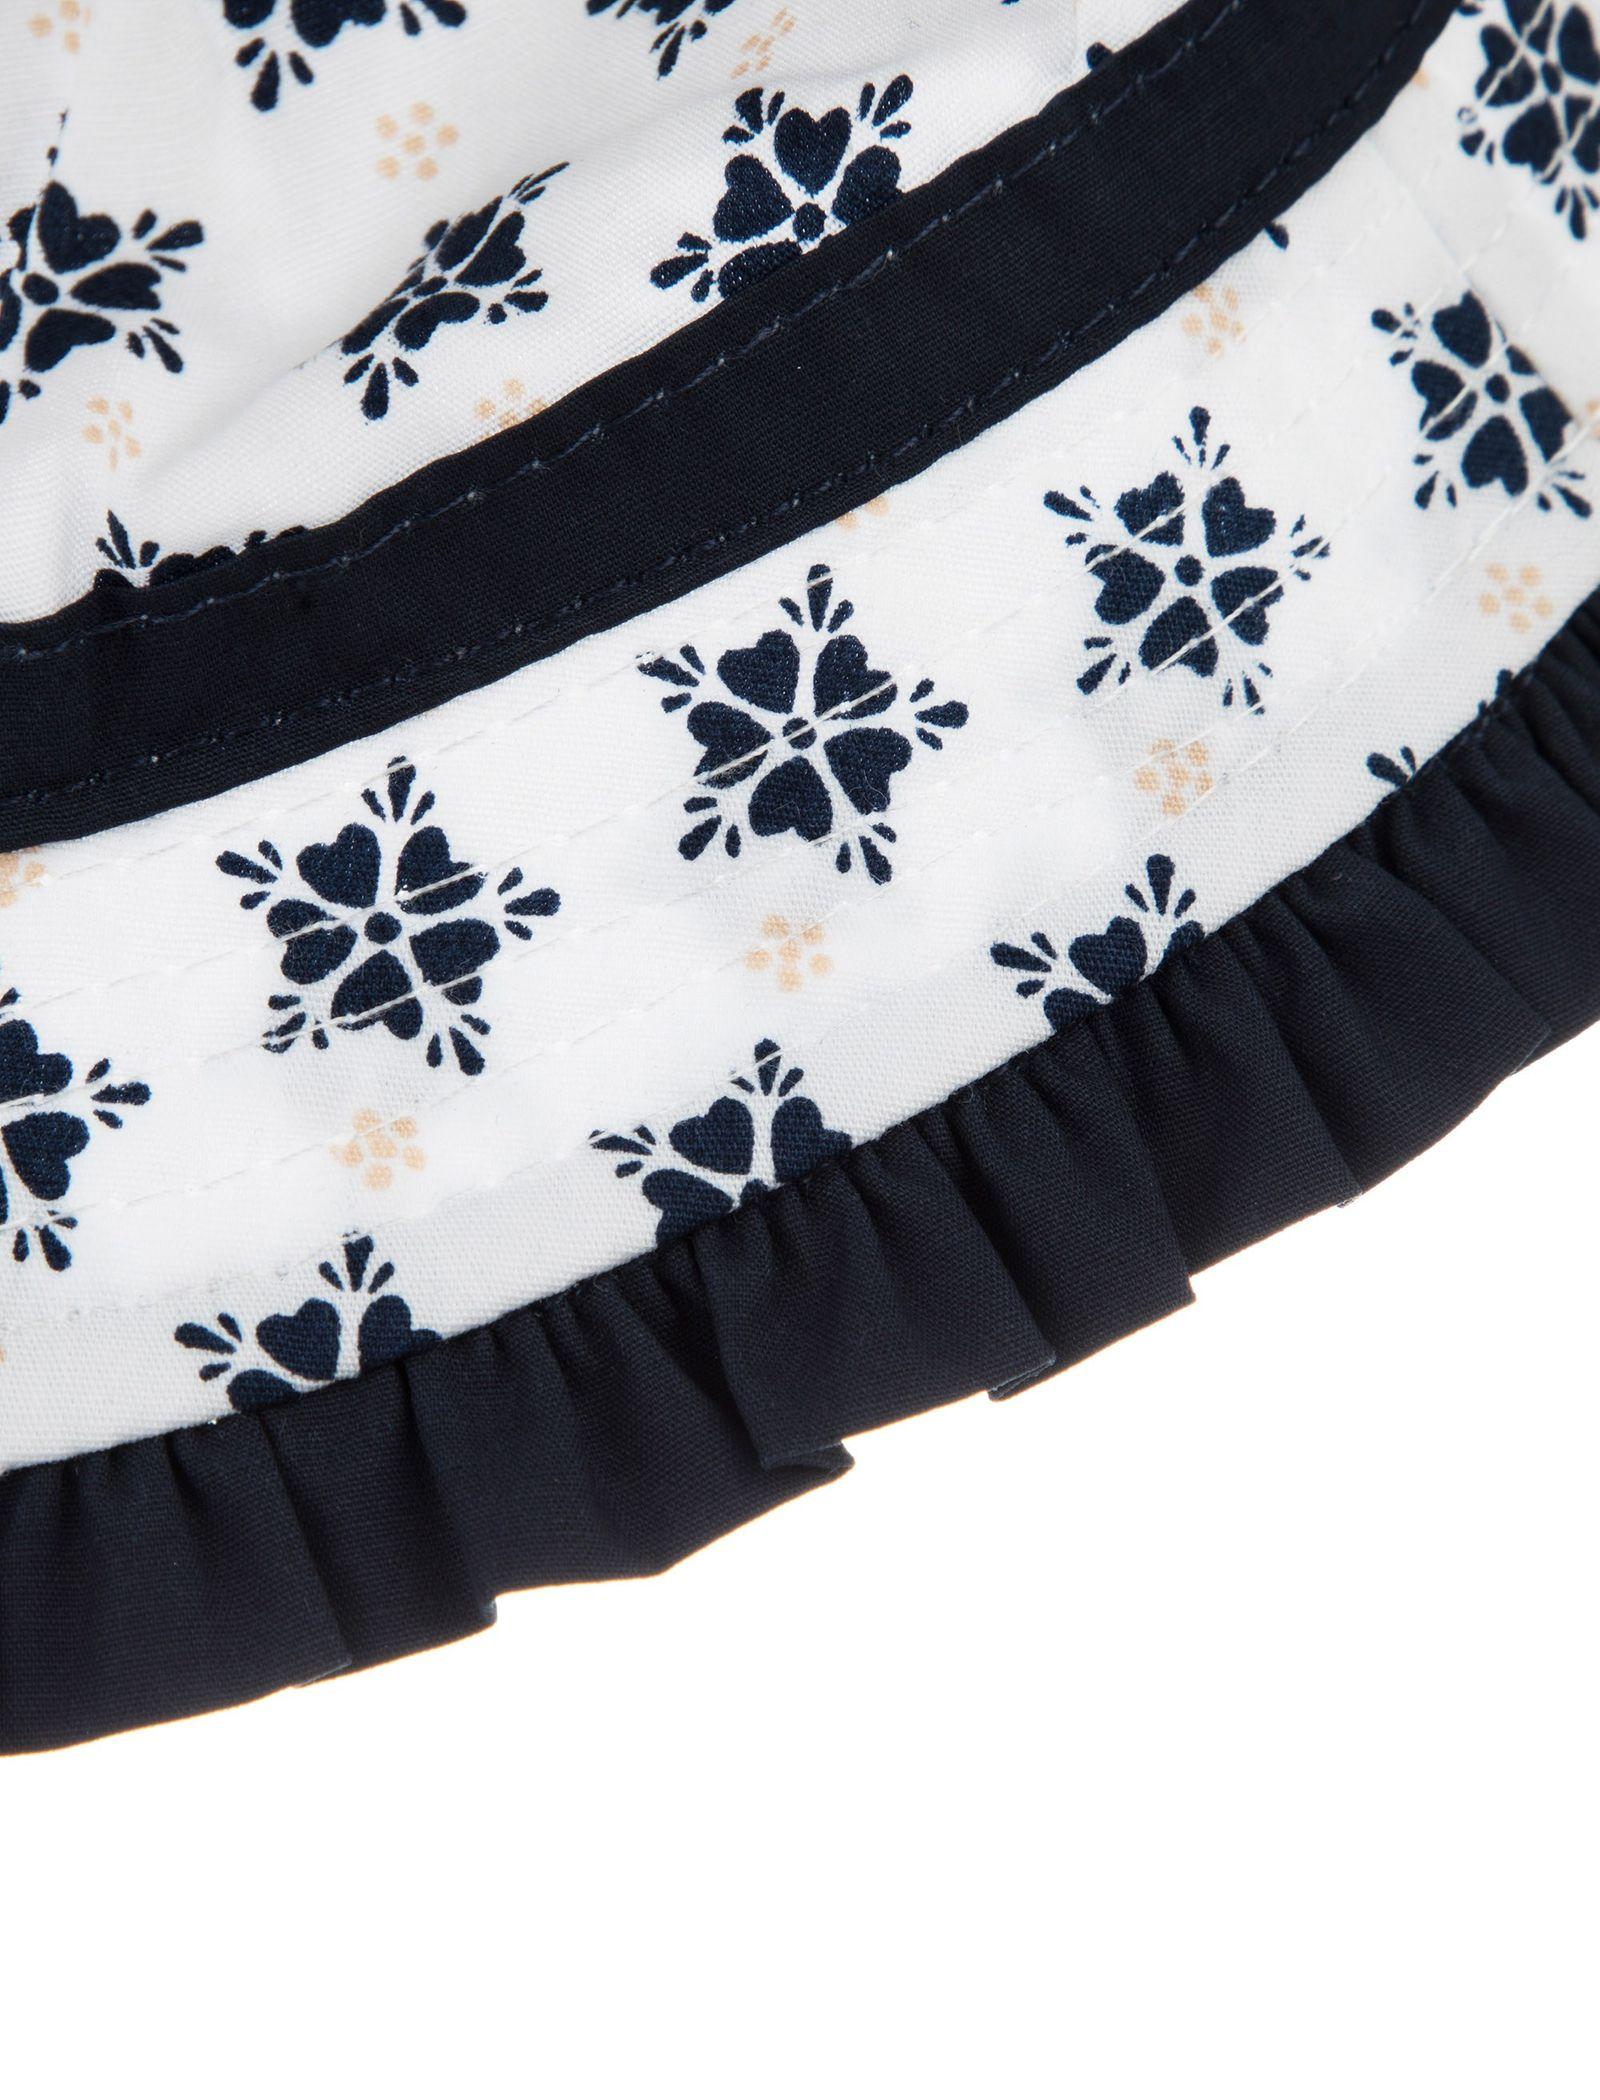 کلاه نخی نوزادی دخترانه - بلوکیدز - چند رنگ - 6